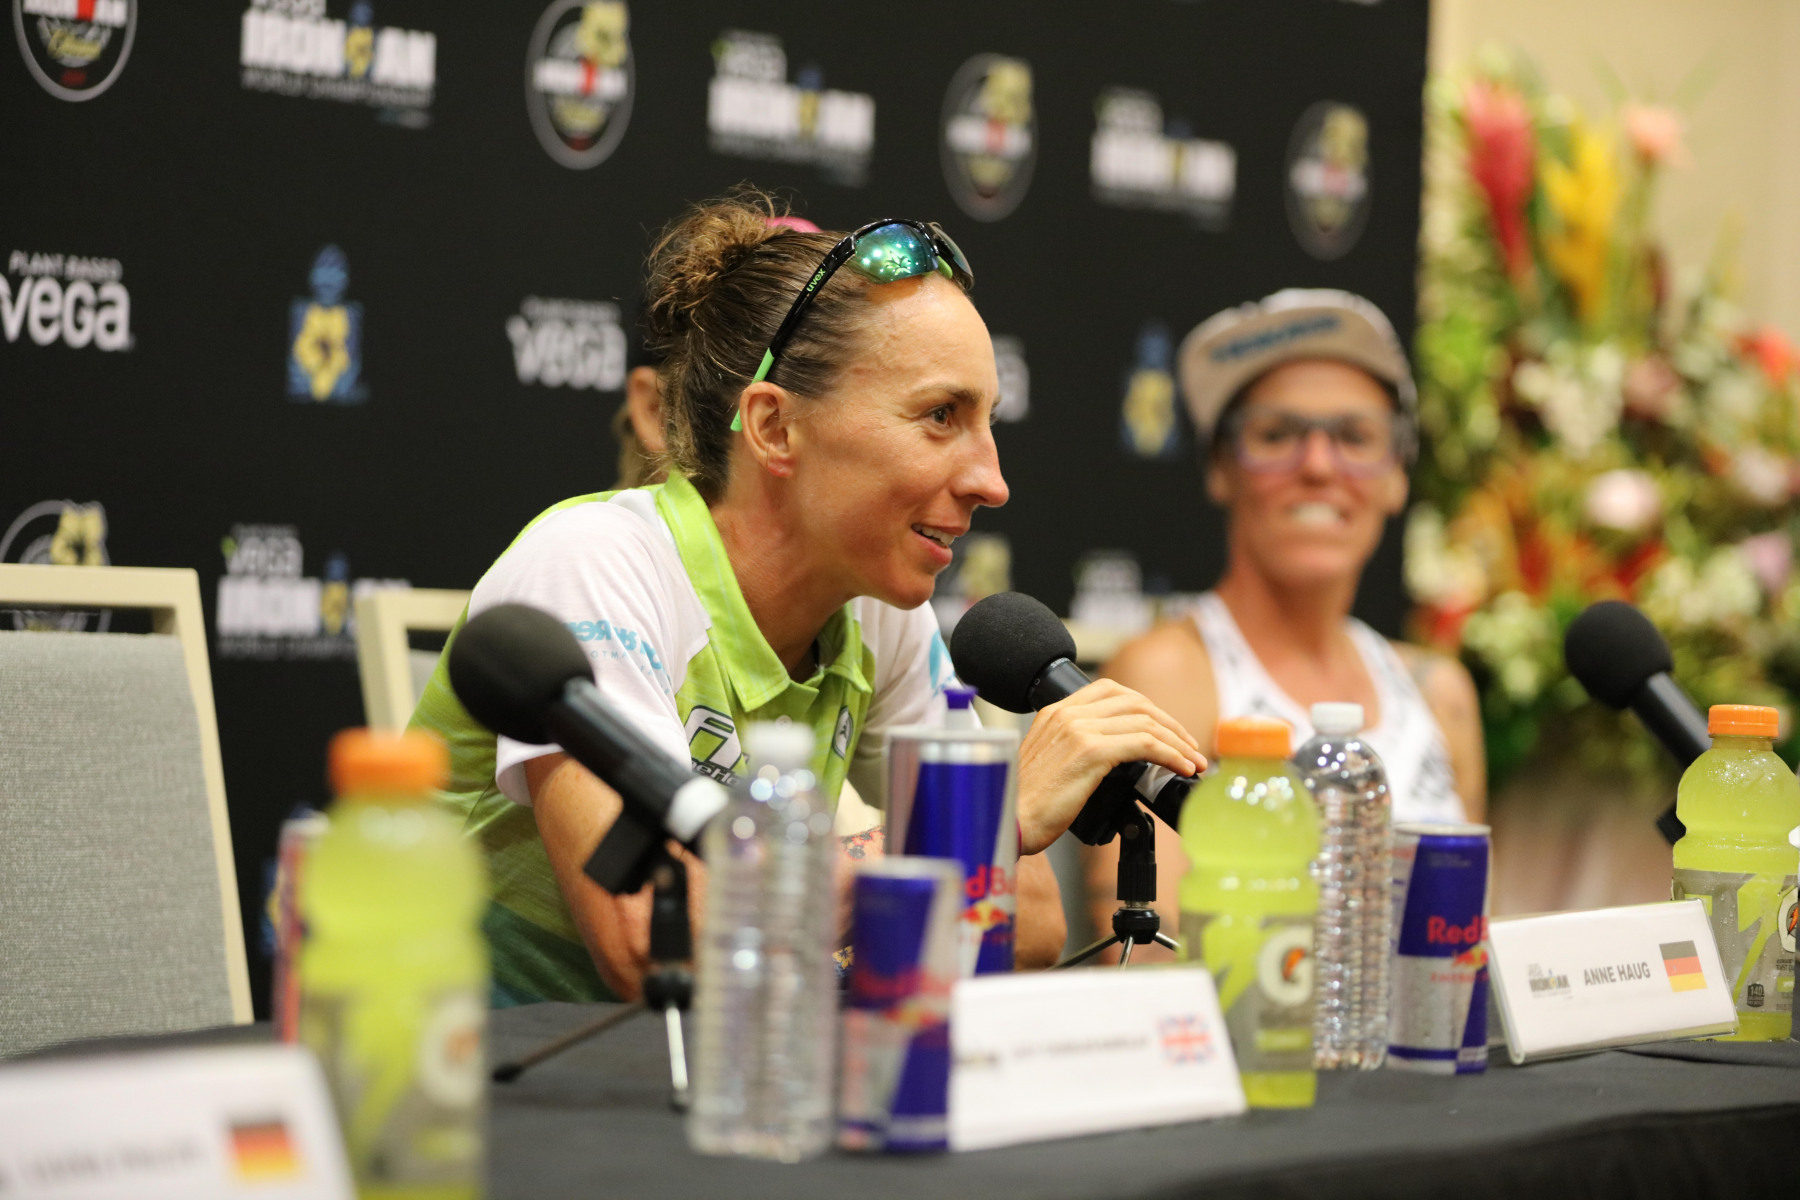 """Anne Haug (Ironman-Weltmeisterin 2019): """"Zum Glück habe ich es in die erste Schwimmgruppe geschafft. Dadurch hat man mehr  taktische Optionen, als wenn man von Anfang an reagieren muss. Auf dem Rad musste ich nach Hawi ordentlich kämpfen."""""""